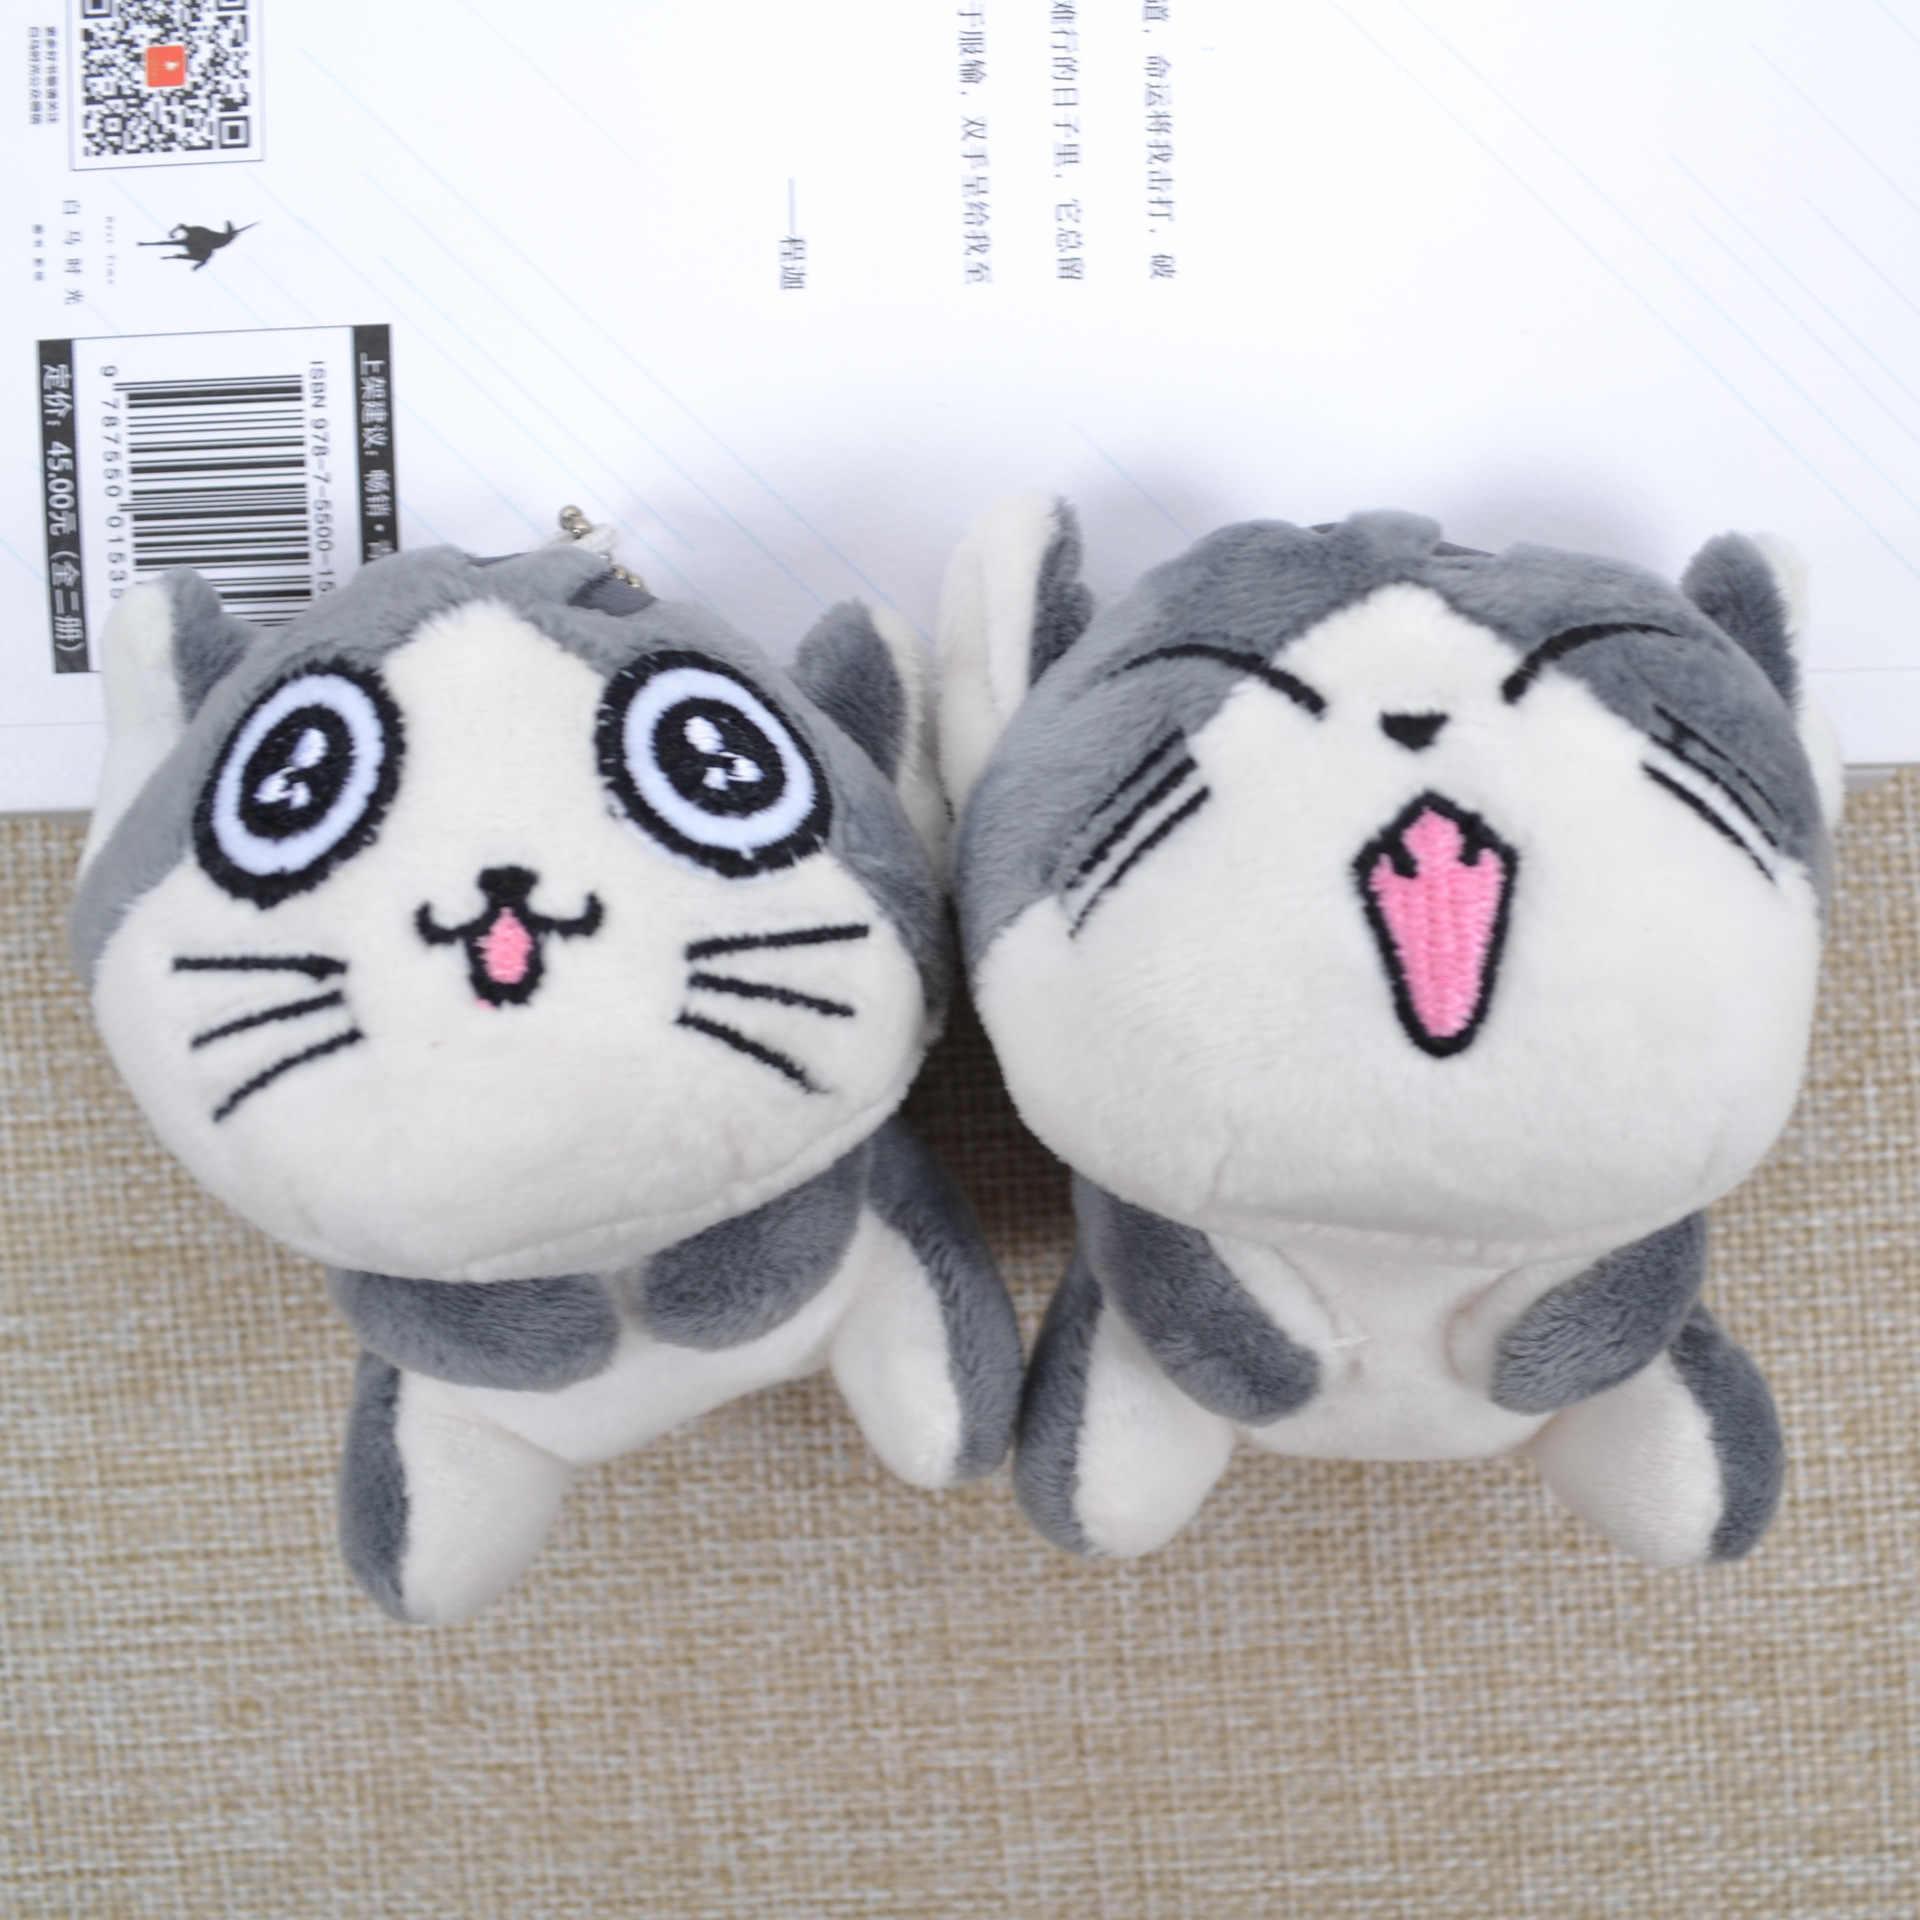 Kawaii 그레이 앉아 9CM 고양이 플러시 인형 장난감, 꽃다발 선물 부드러운 플러시 고양이 인형, 고양이 열쇠 고리 플러시 장난감 꽃 고양이 인형 선물